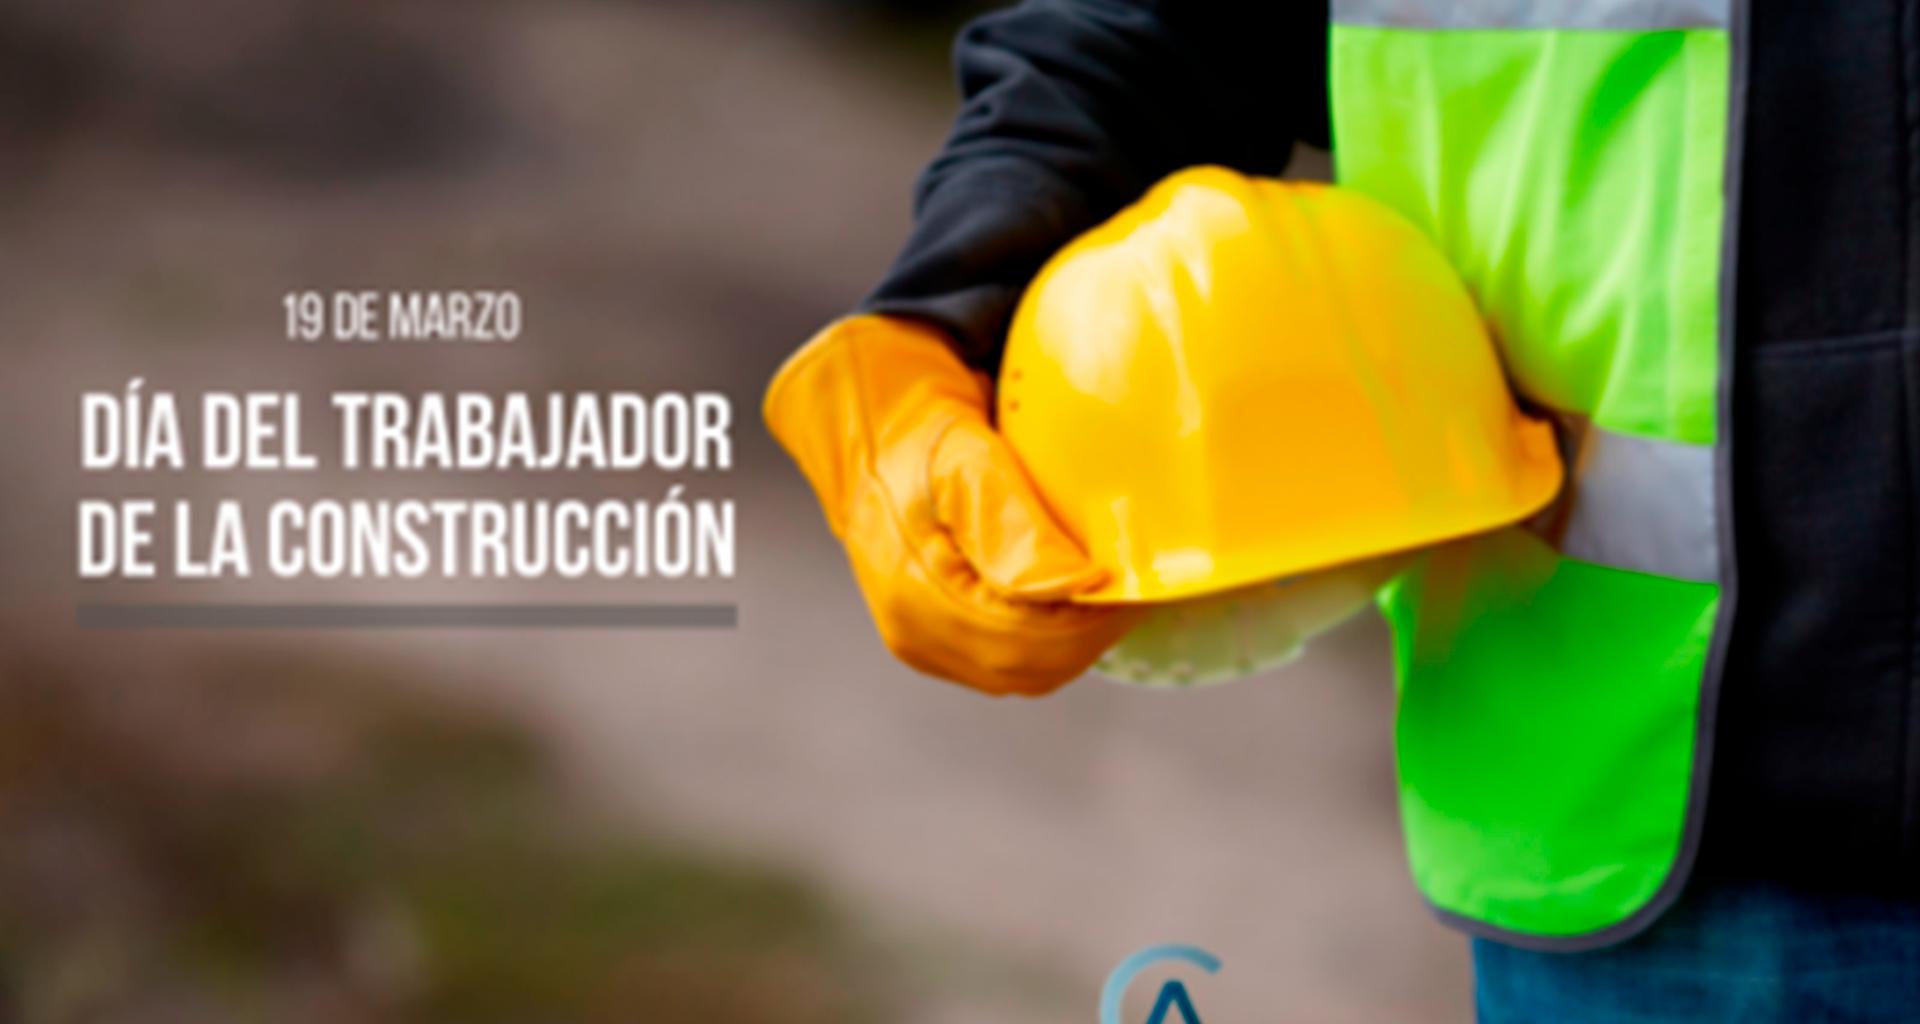 Feliz día del trabajador de la construcción les desea el Comité de Asfaltos